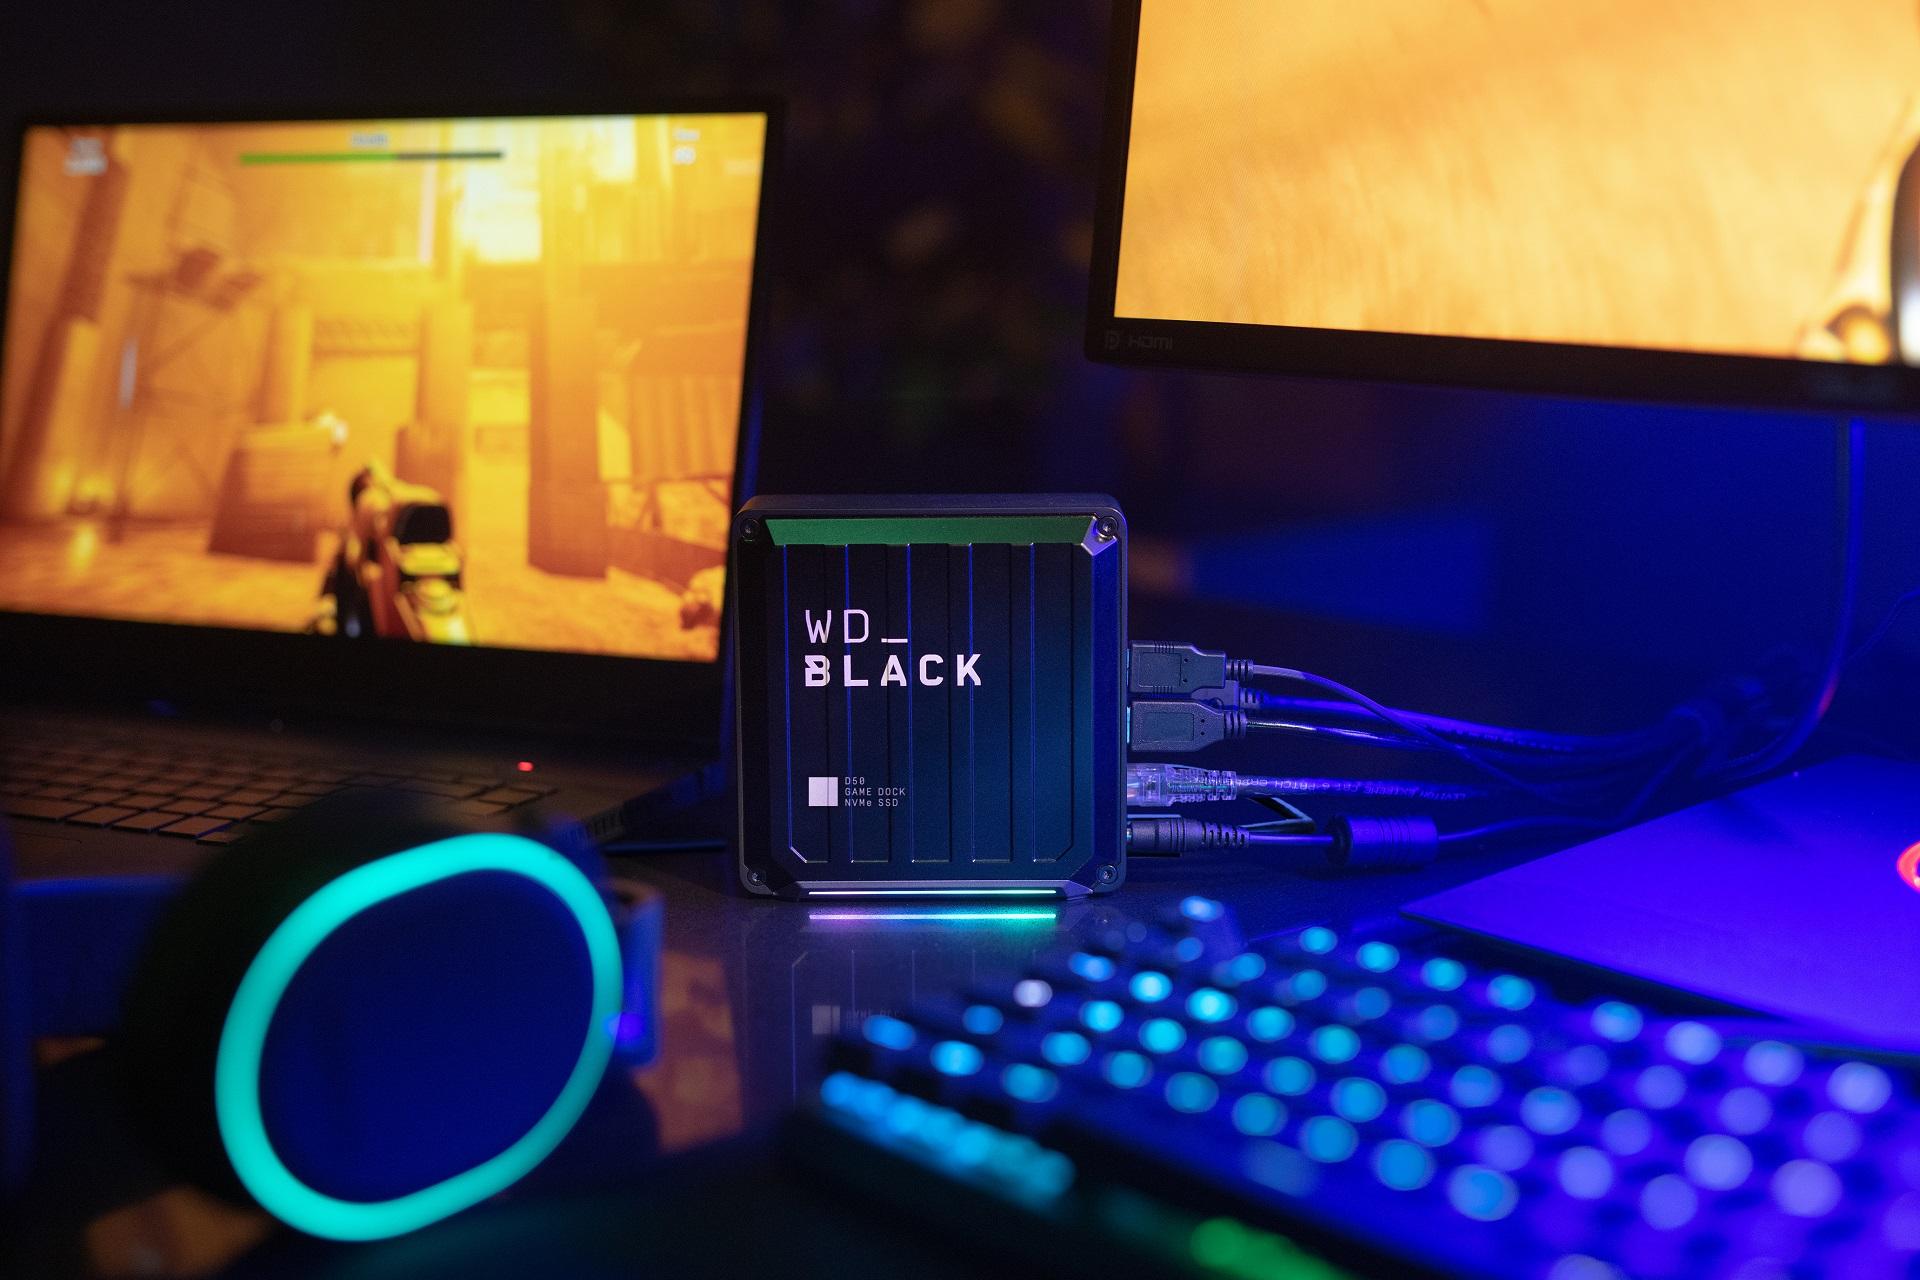 Nowe produkty z serii WD_Black  stworzone z myślą o graczach